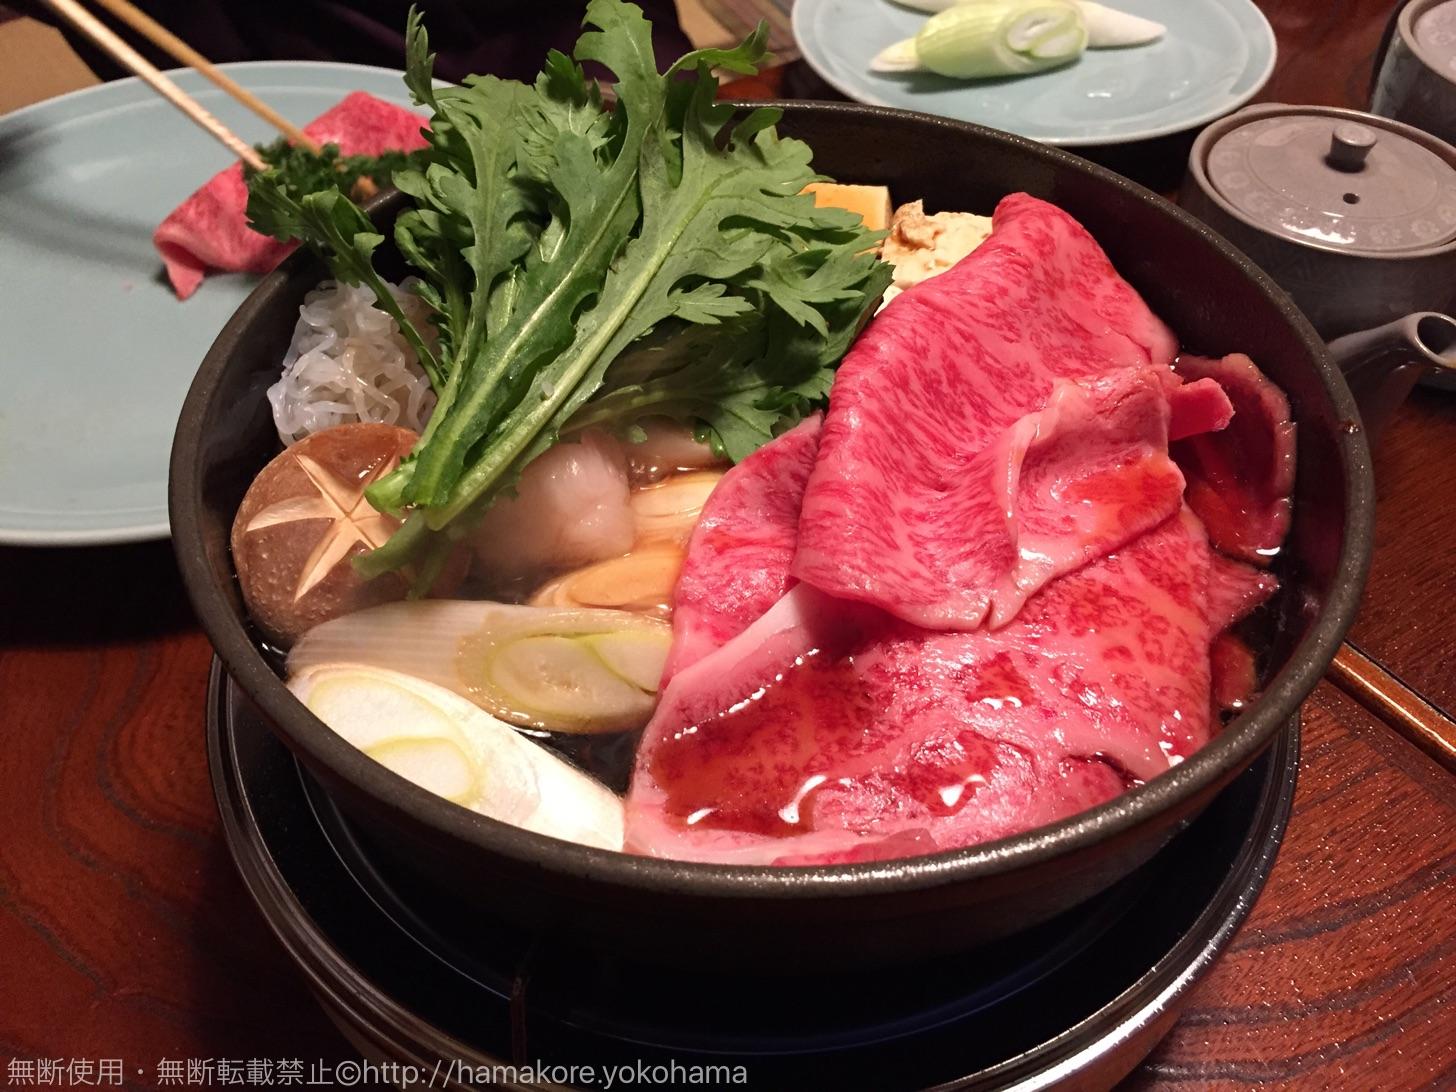 牛鍋の老舗「荒井屋本店」が2017年3月25日にリニューアルオープン!